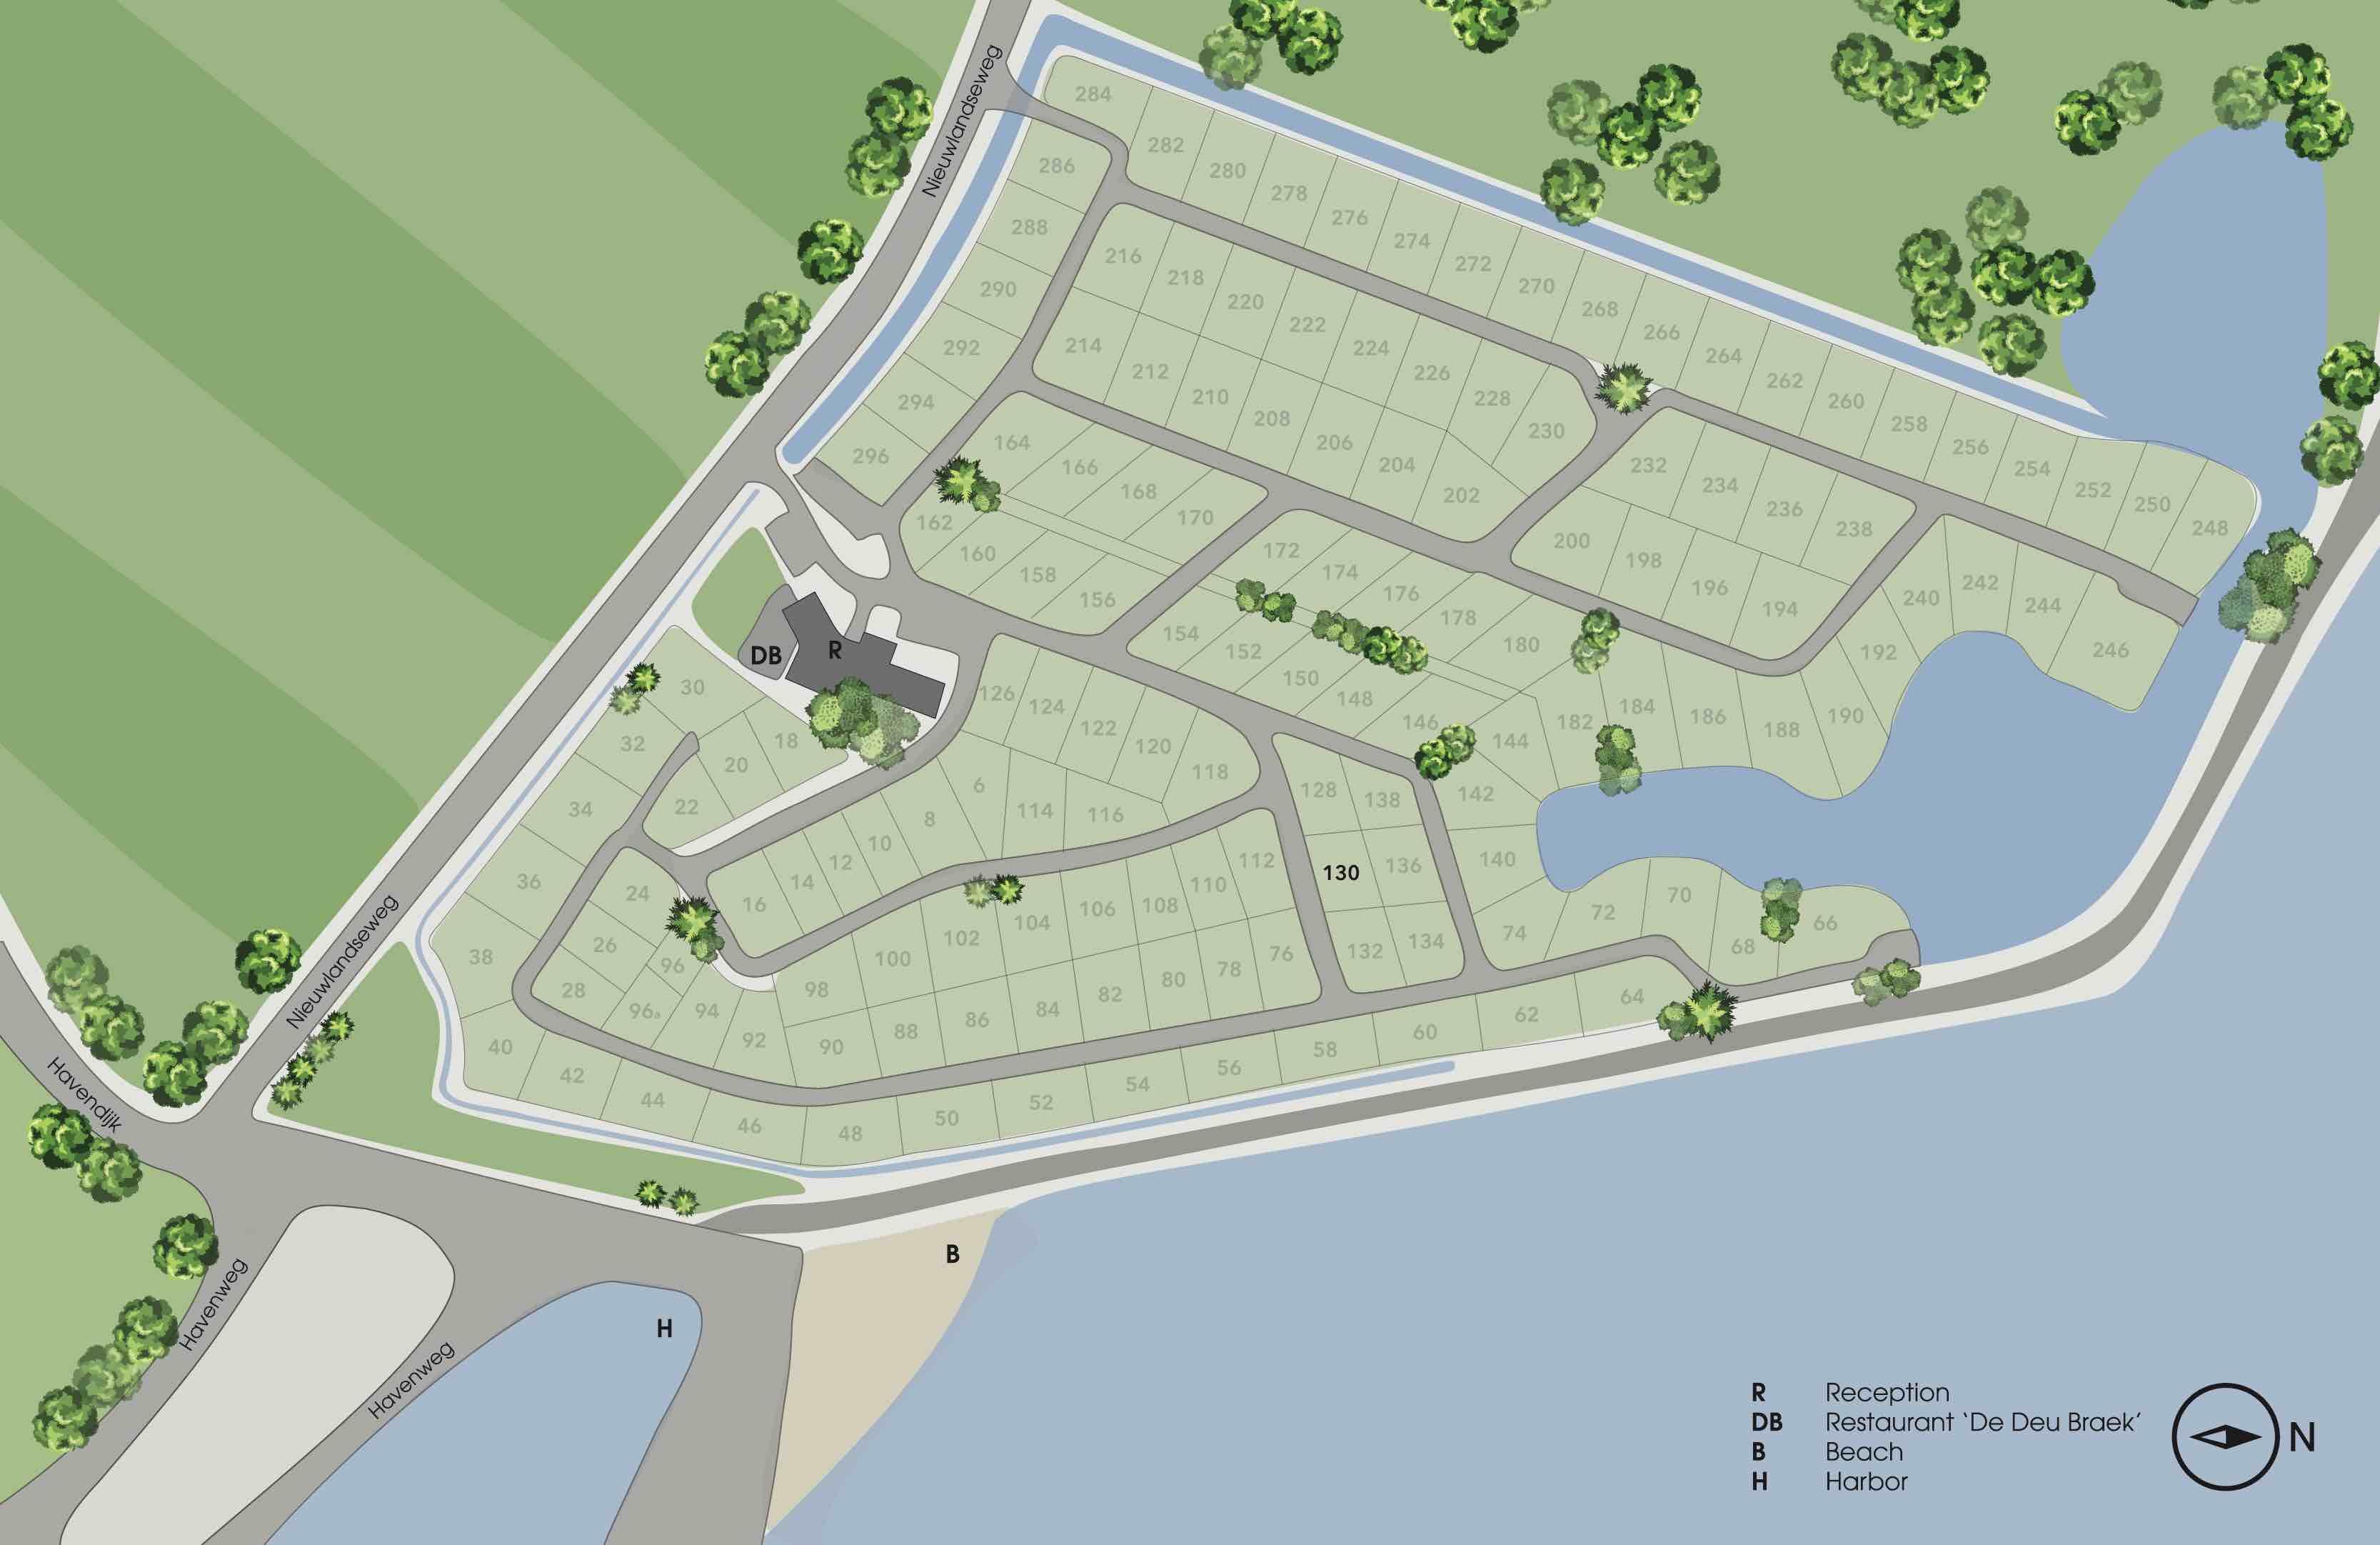 Zeeland Map - V2 - Huis 130